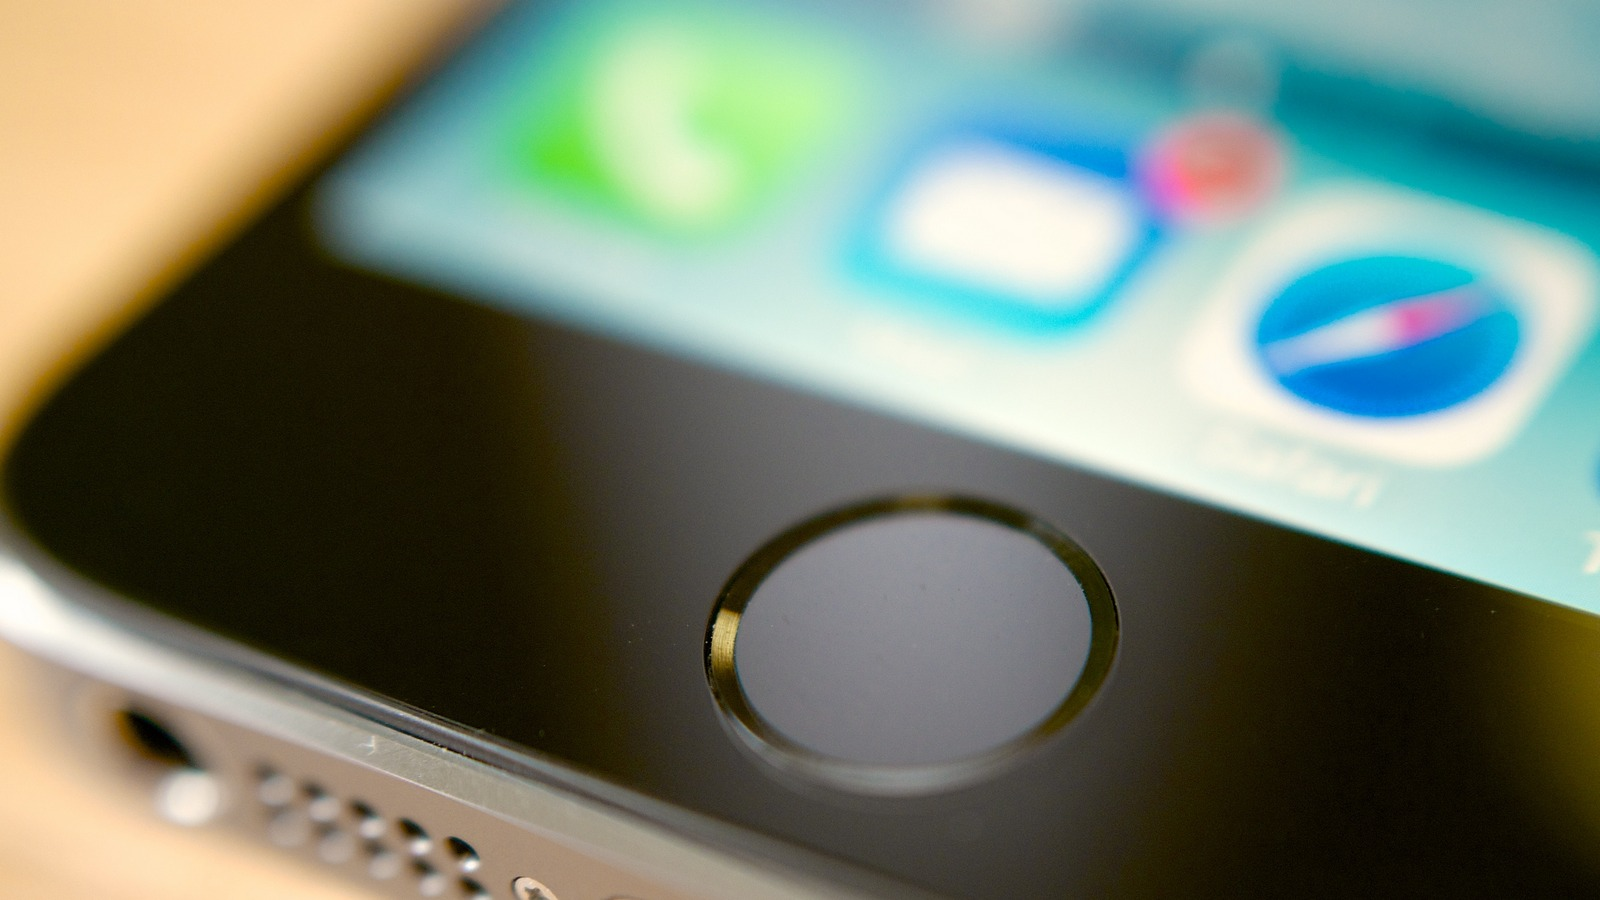 [Фото] Предполагаемый iPhone se сравнили с iPhone 5